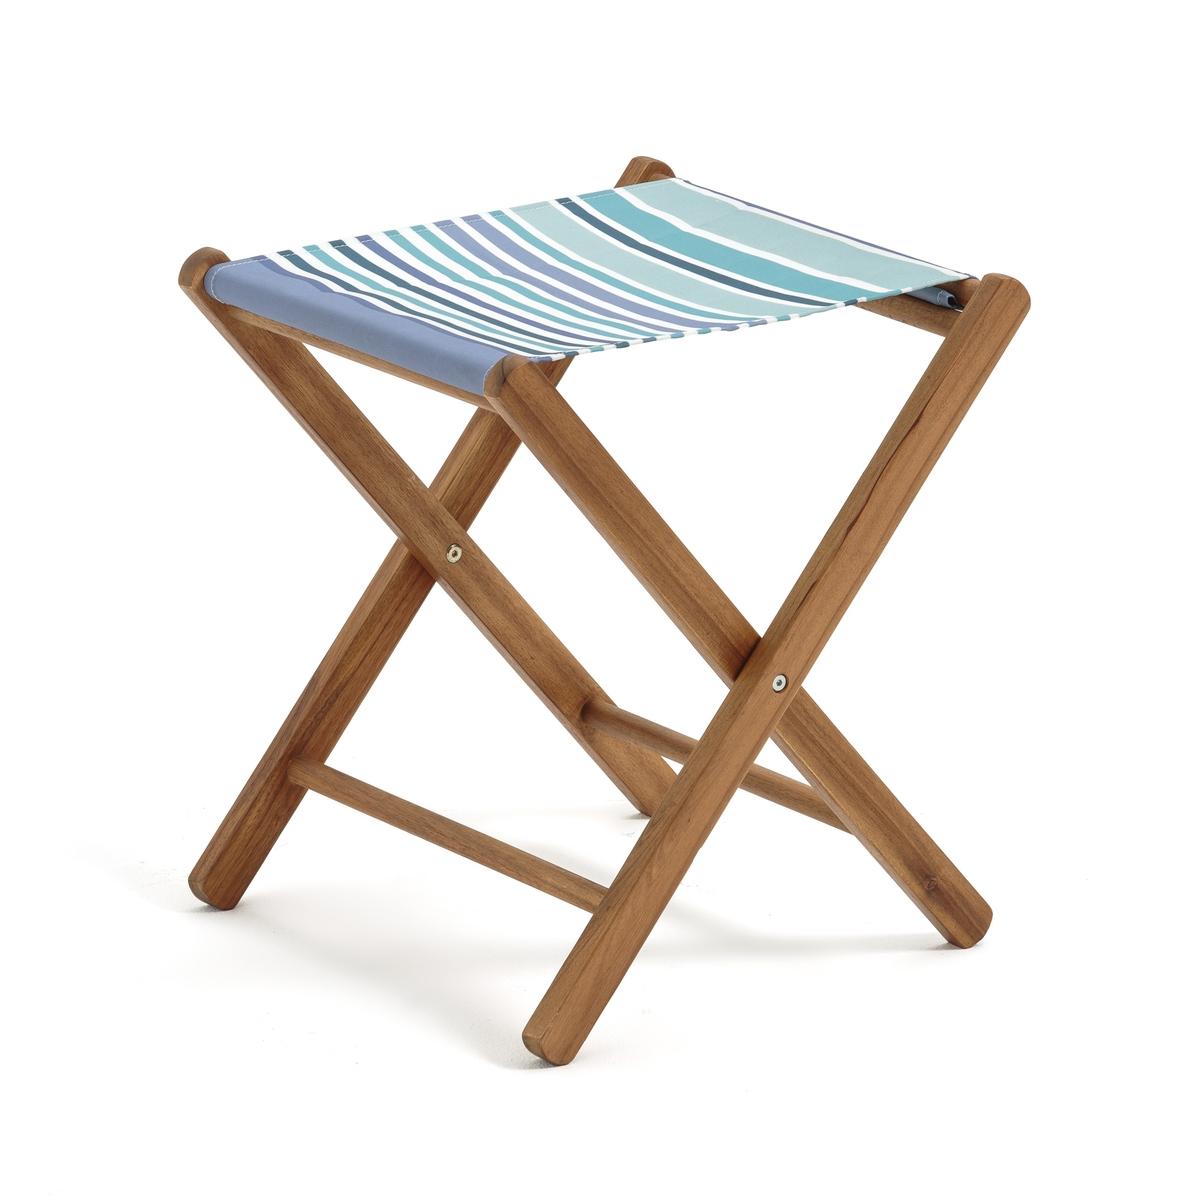 Табурет складной из акации, AmezzaСкладной табурет или подставка для ног из акации (контролируемая древесина). Идеально подходит для отдыха в саду или в качестве подставки для ног рядом с креслом.Характеристики складного табурета :- Выполнен из акации (контролируемая древесина).- Тонировка тиковое дерево- Сиденье из устойчивой к УФ-излучению плотной ткани, 100% полиэстера.Данная модель табурета требует самостоятельной сборки, инструкция по сборке прилагается.Размеры : - Общие размеры : Д. 40 x В. 46 x Г. 42 см.<br><br>Цвет: синяя полоска